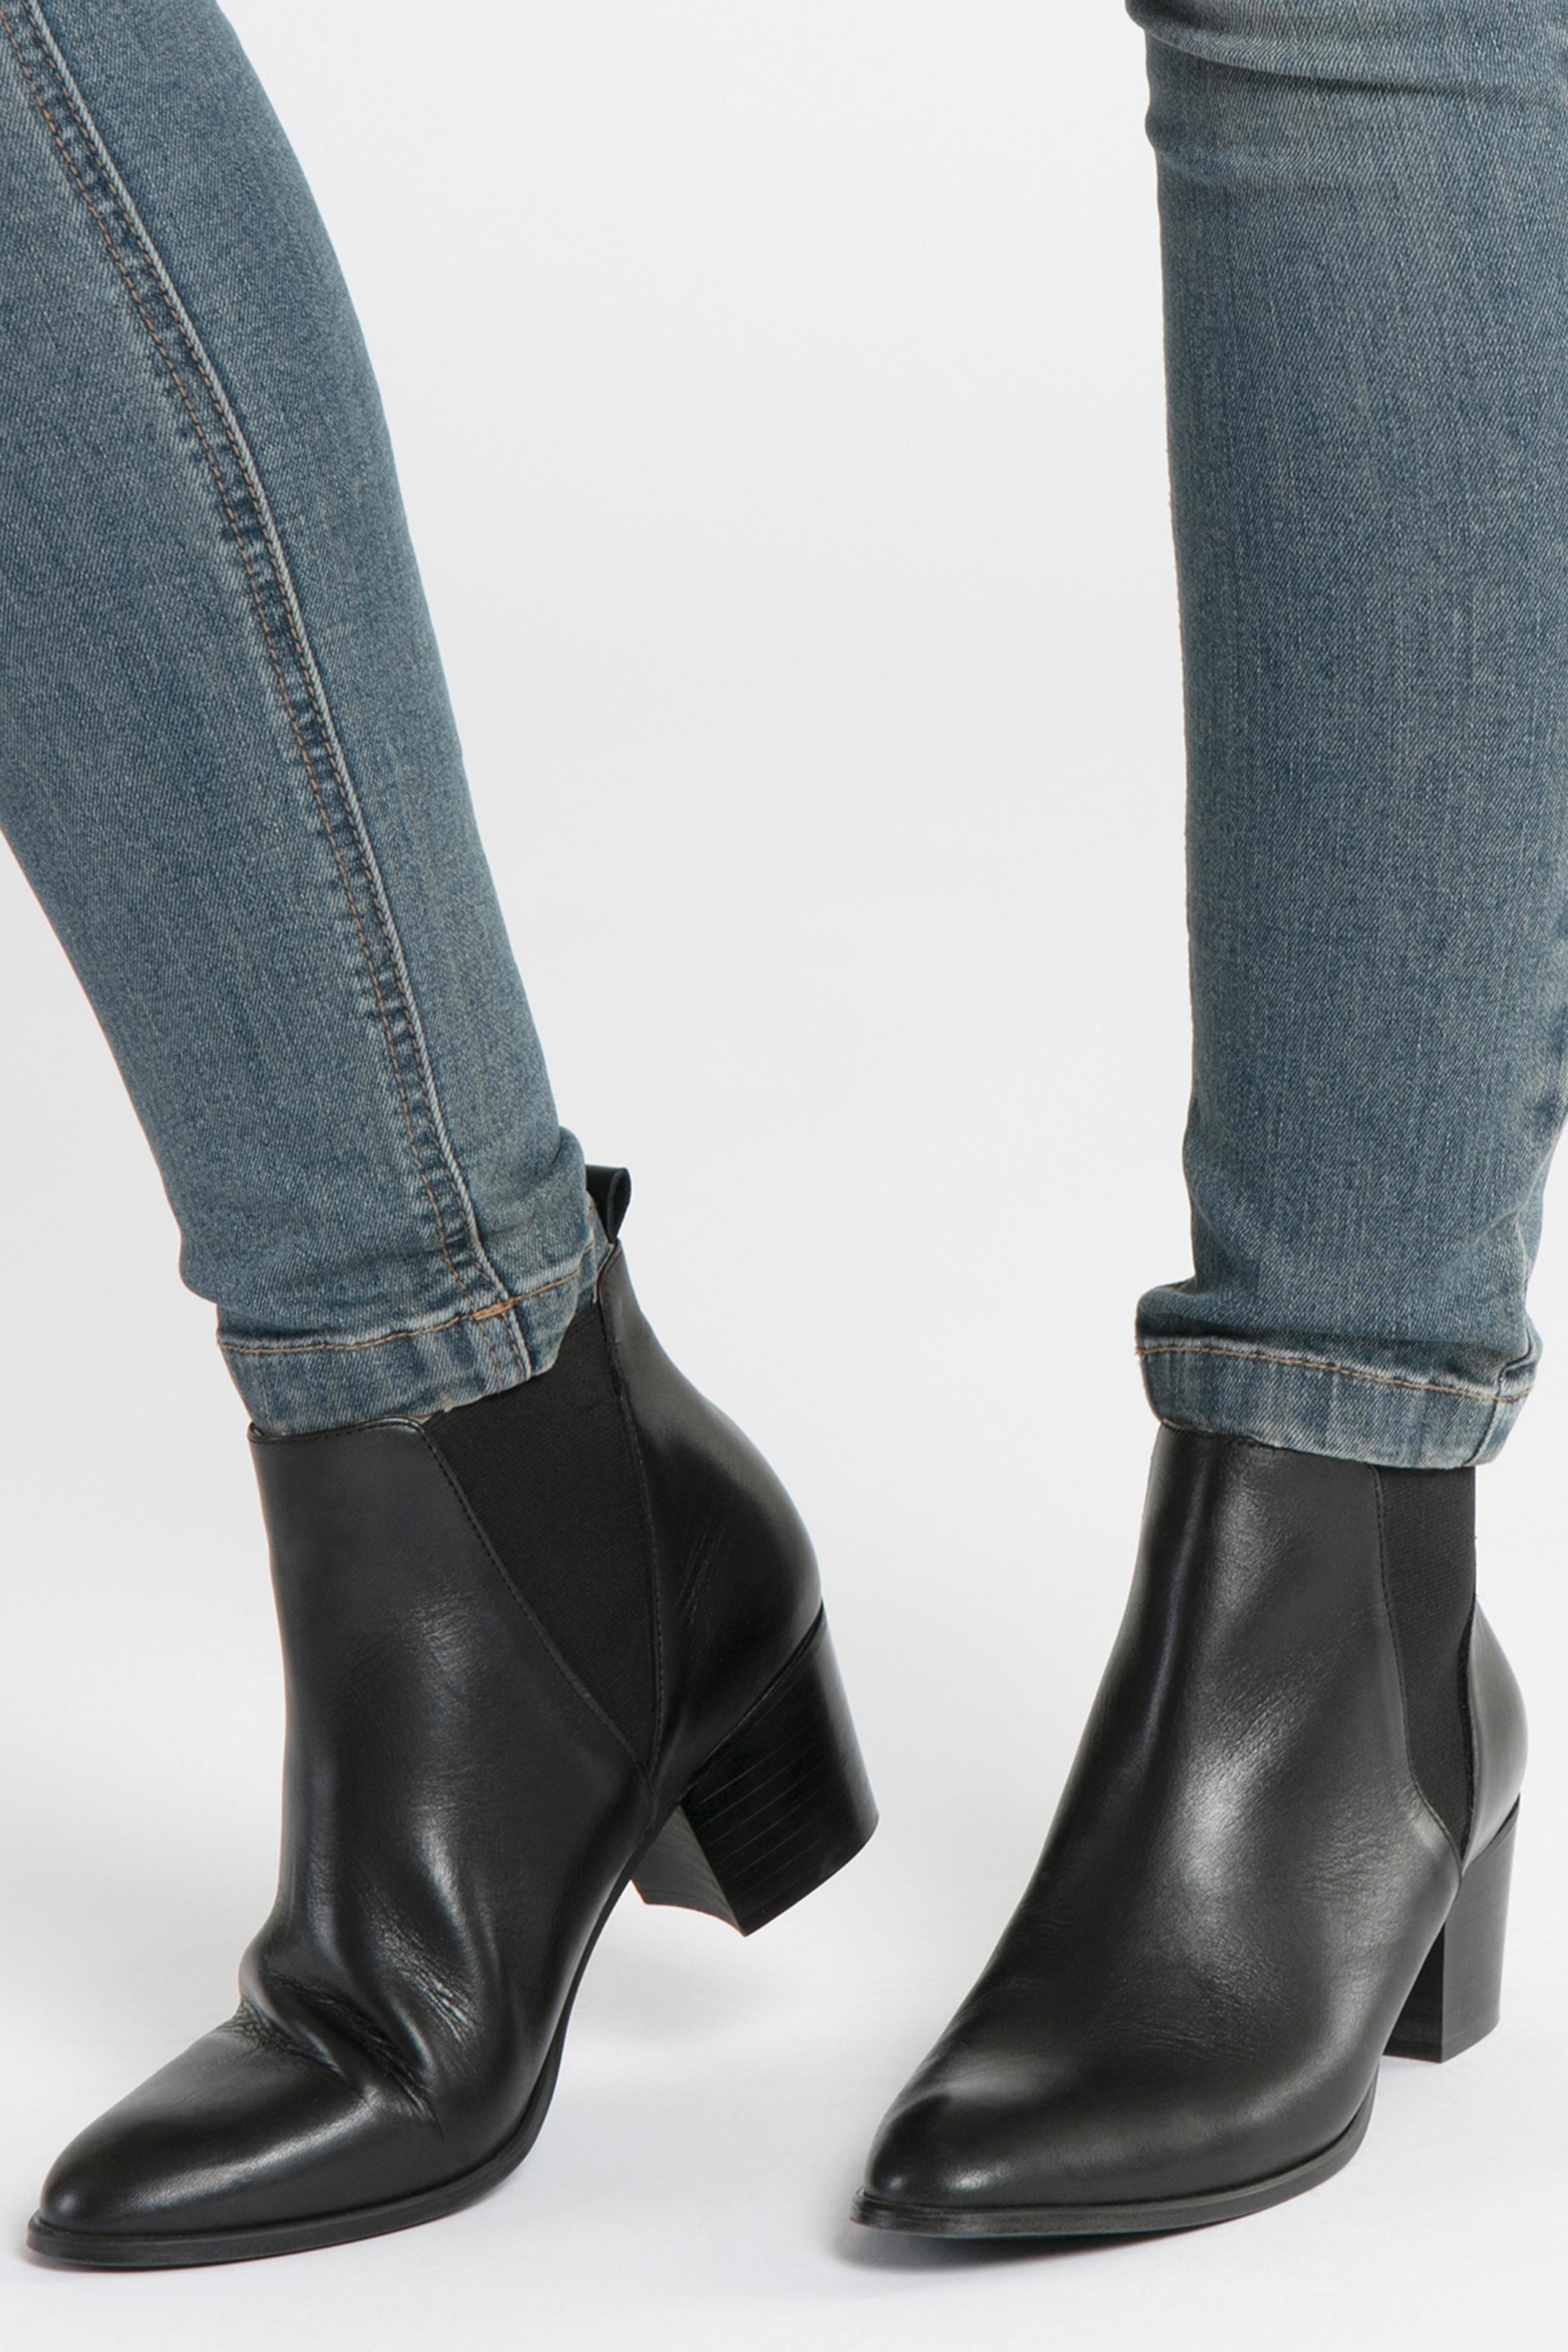 Sort Støvler fra Cream Accessories – Køb Sort Støvler fra str. 36-41 her